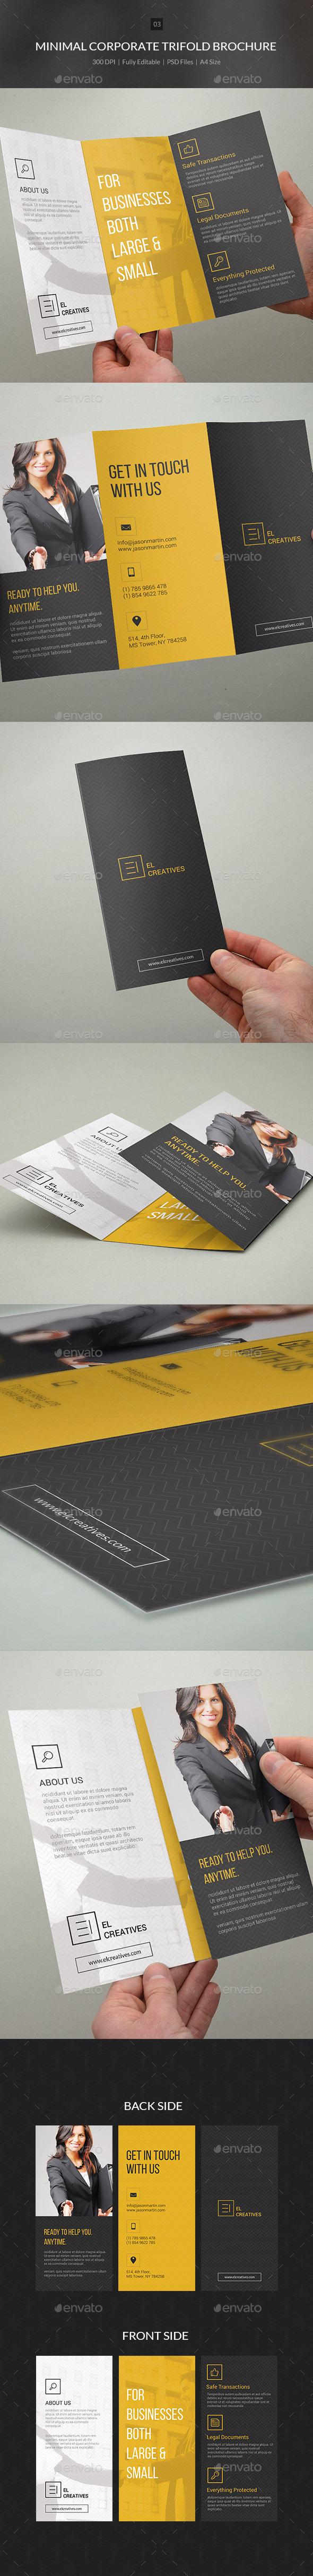 GraphicRiver Minimal Corporate Trifold Brochure 03 10805837